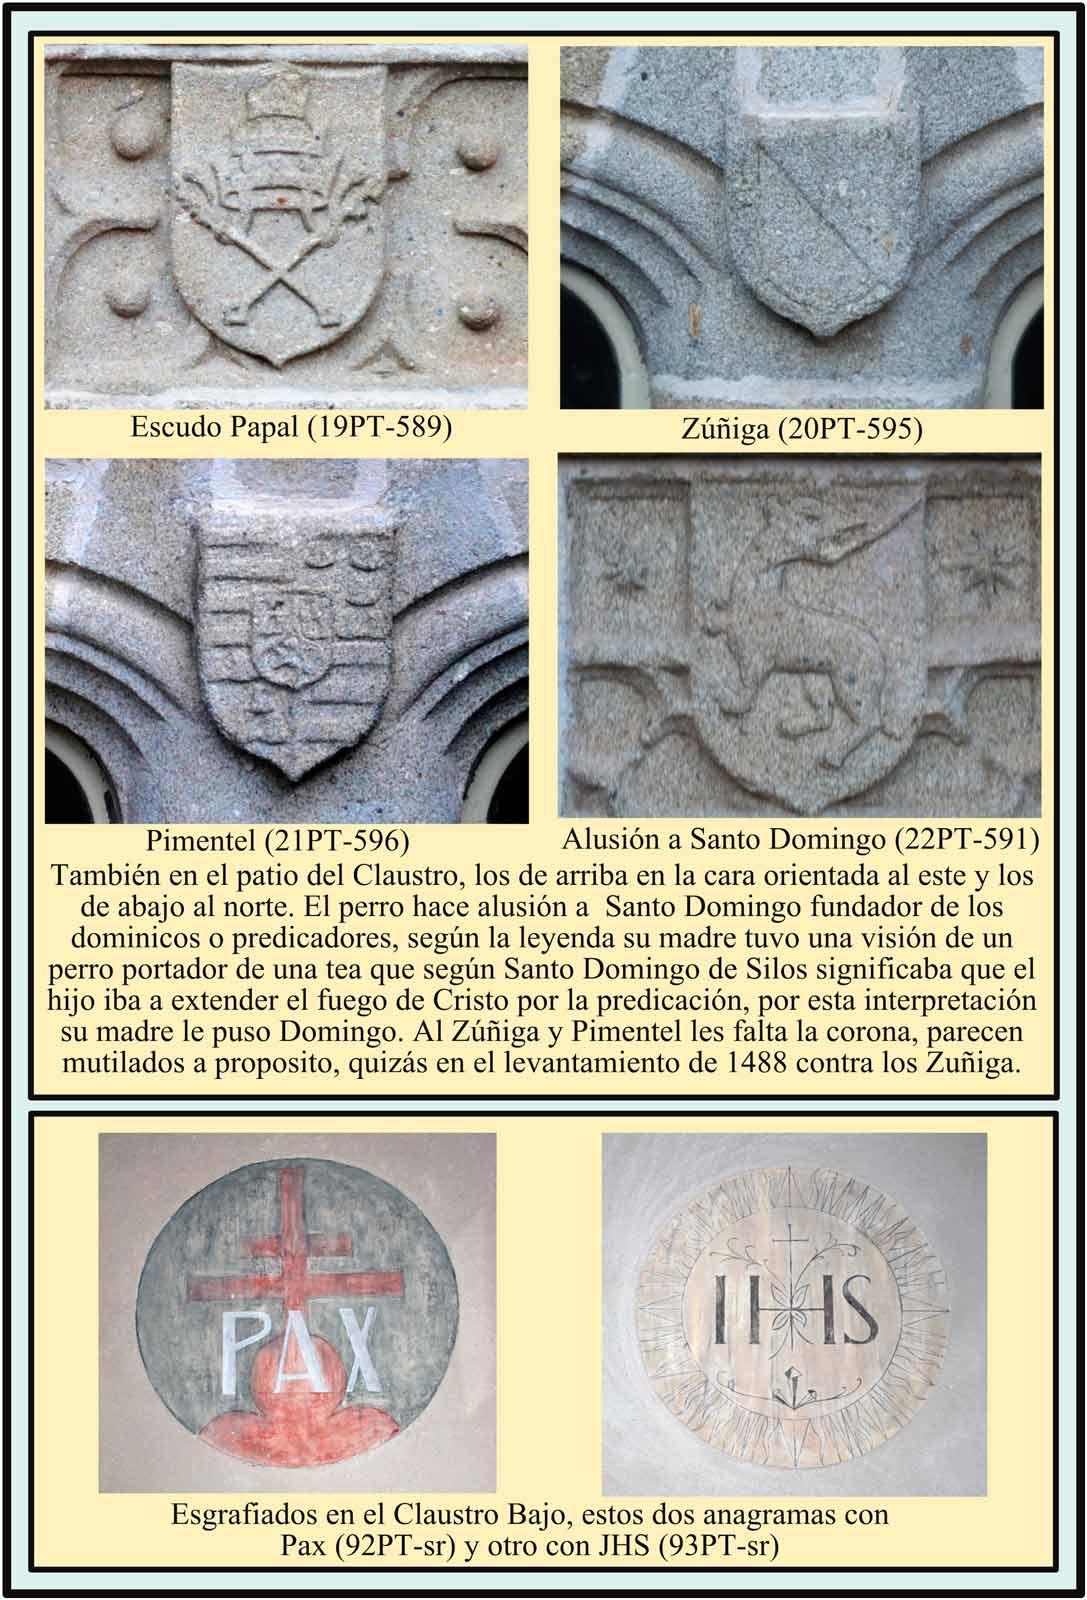 Escudos esgrafiados en el Claustro y en el Patio